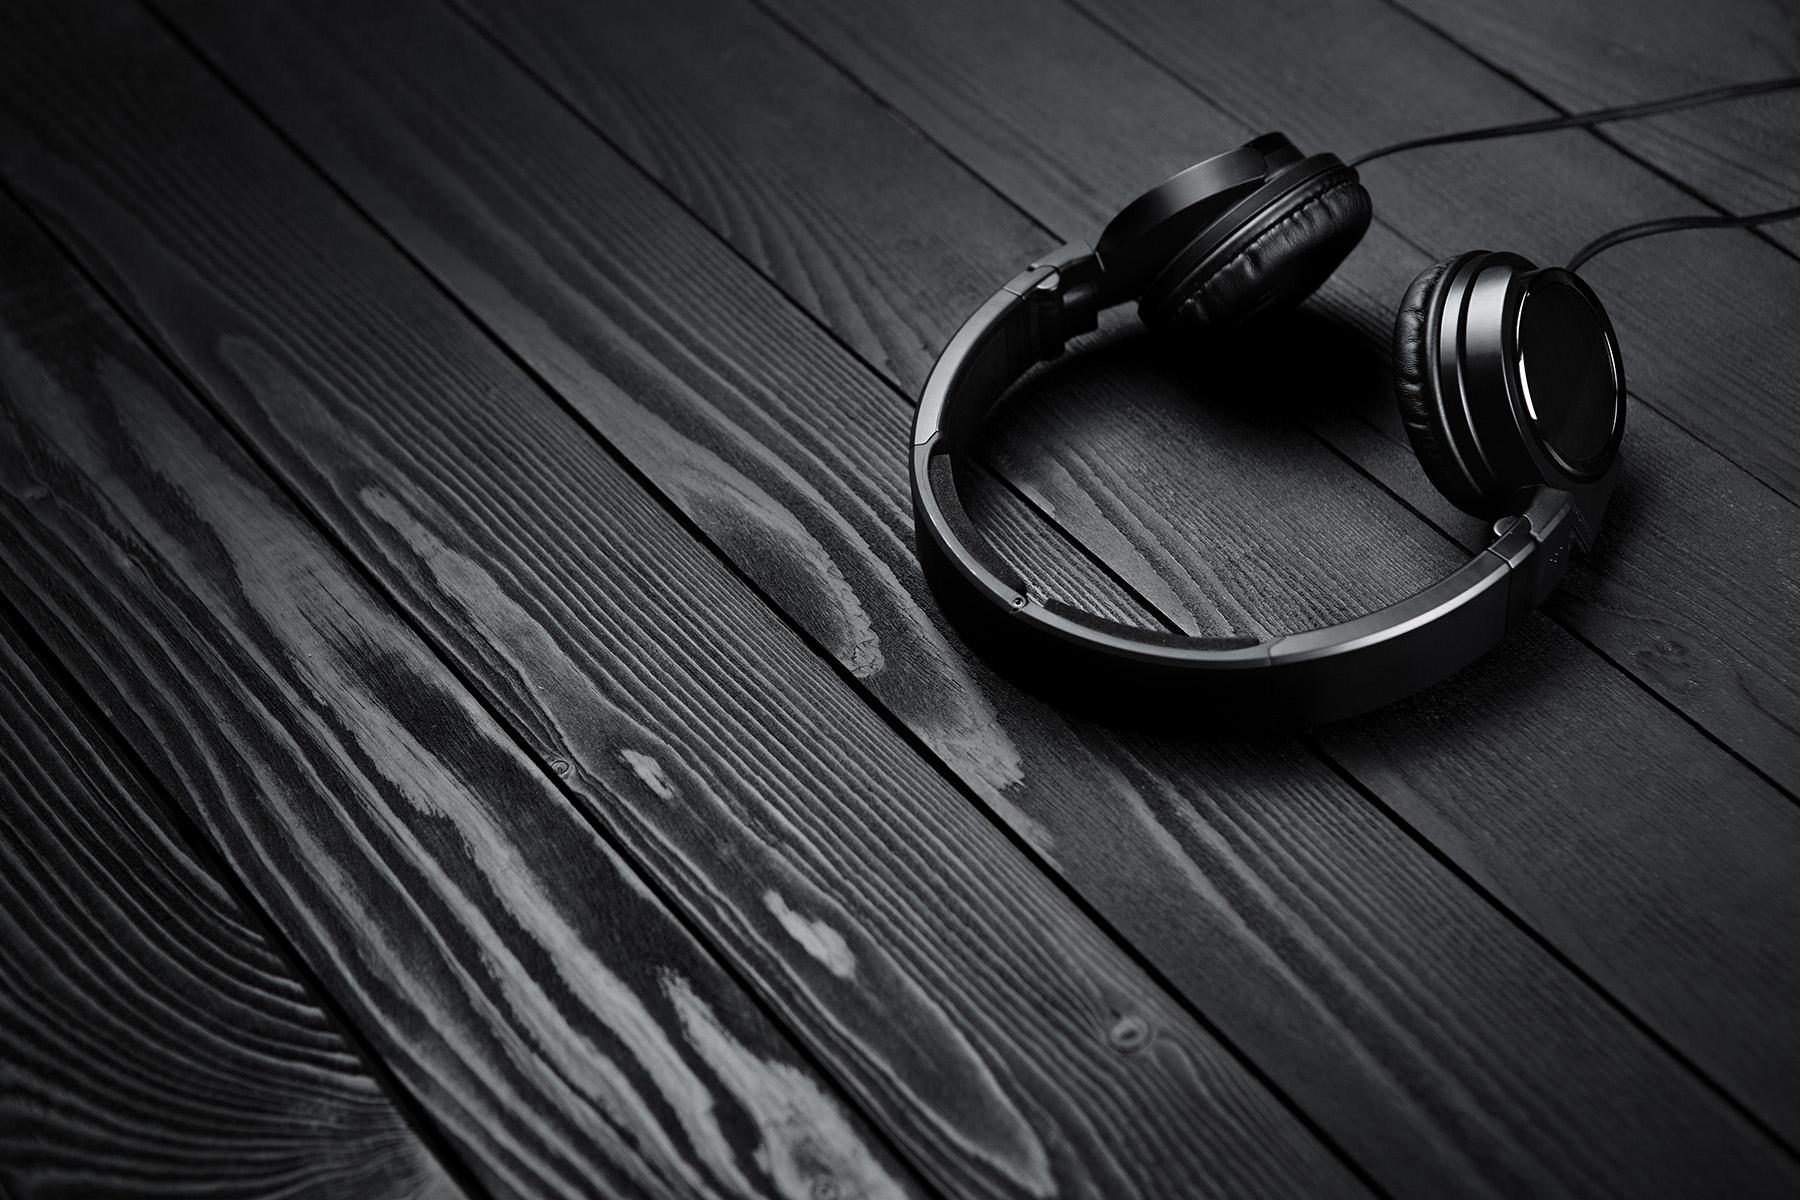 DJ Mag column: 'Mijn artiestennaam lijkt op die van een ander'